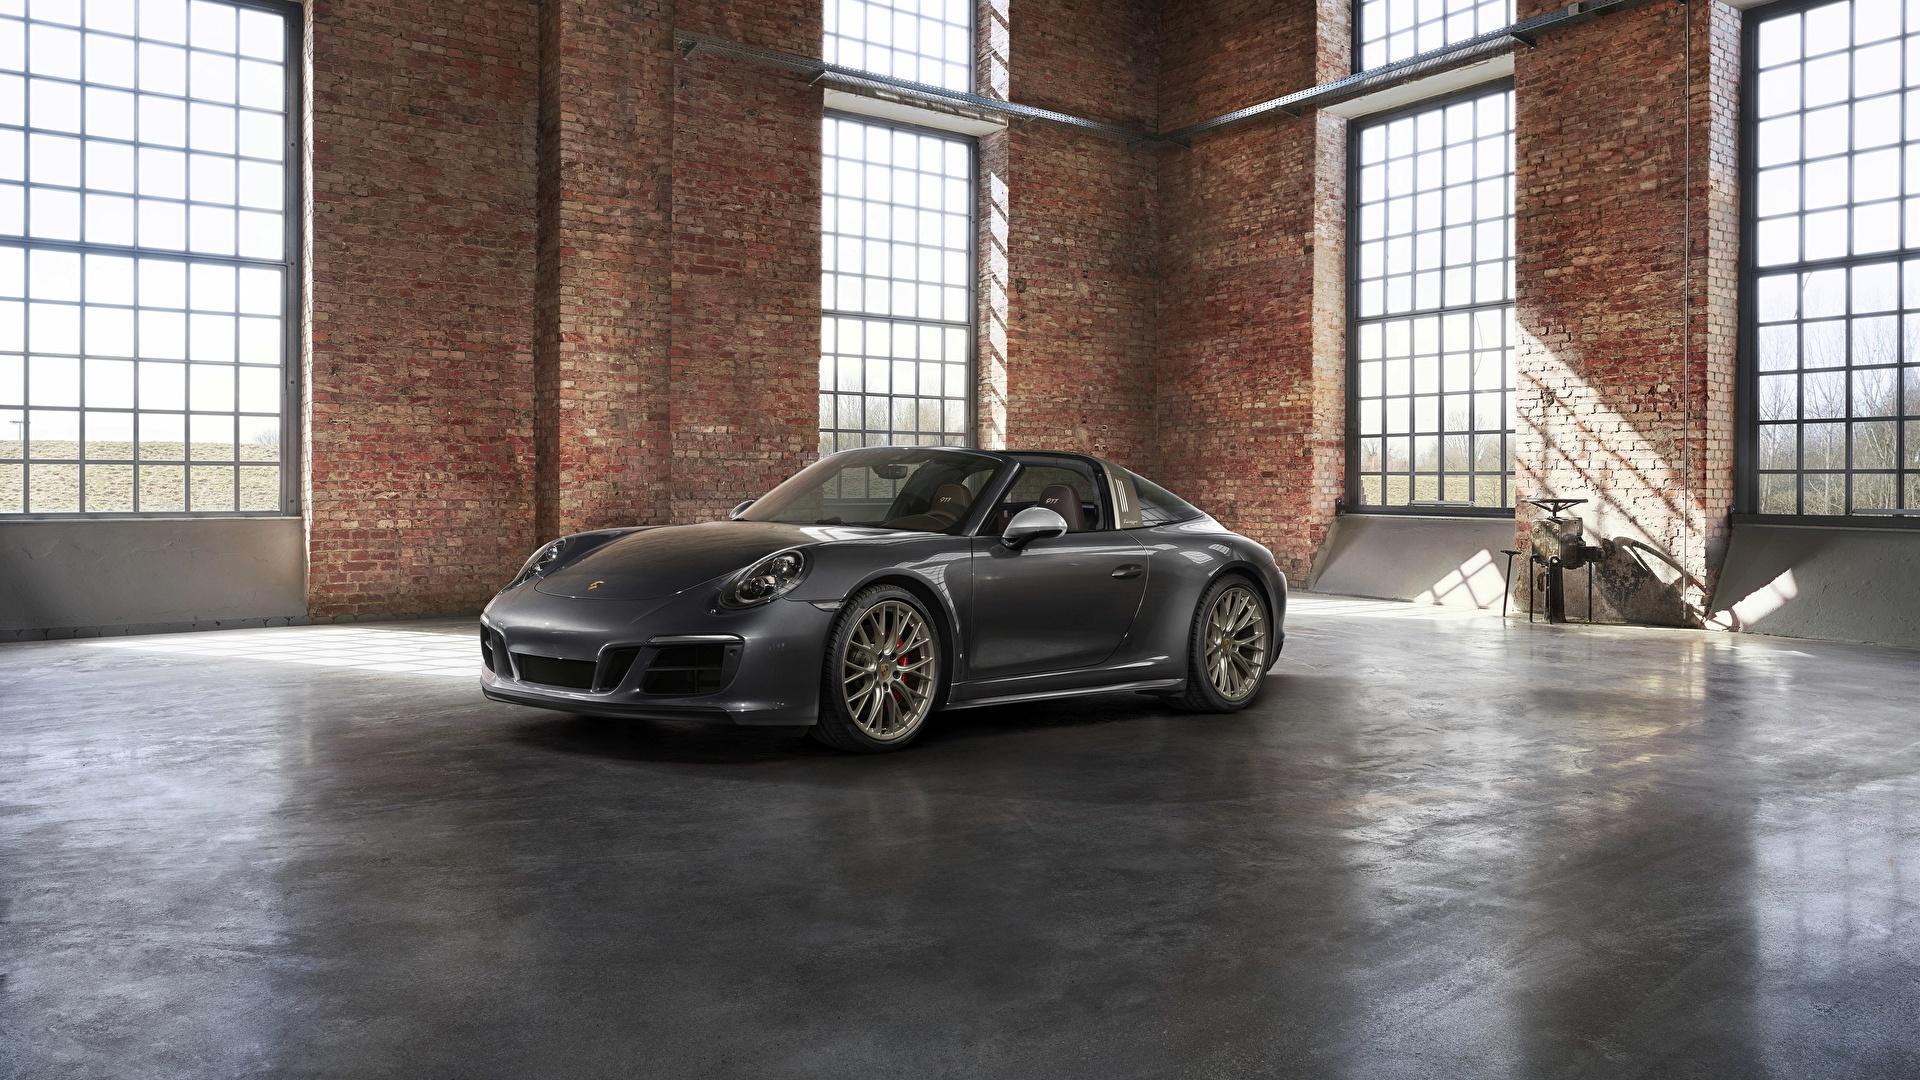 Картинки Porsche 4x4 Biturbo 911 Targa 4 GTS Exclusive Manufaktur Edition Родстер Серый Автомобили 1920x1080 Порше серые серая авто машина машины автомобиль